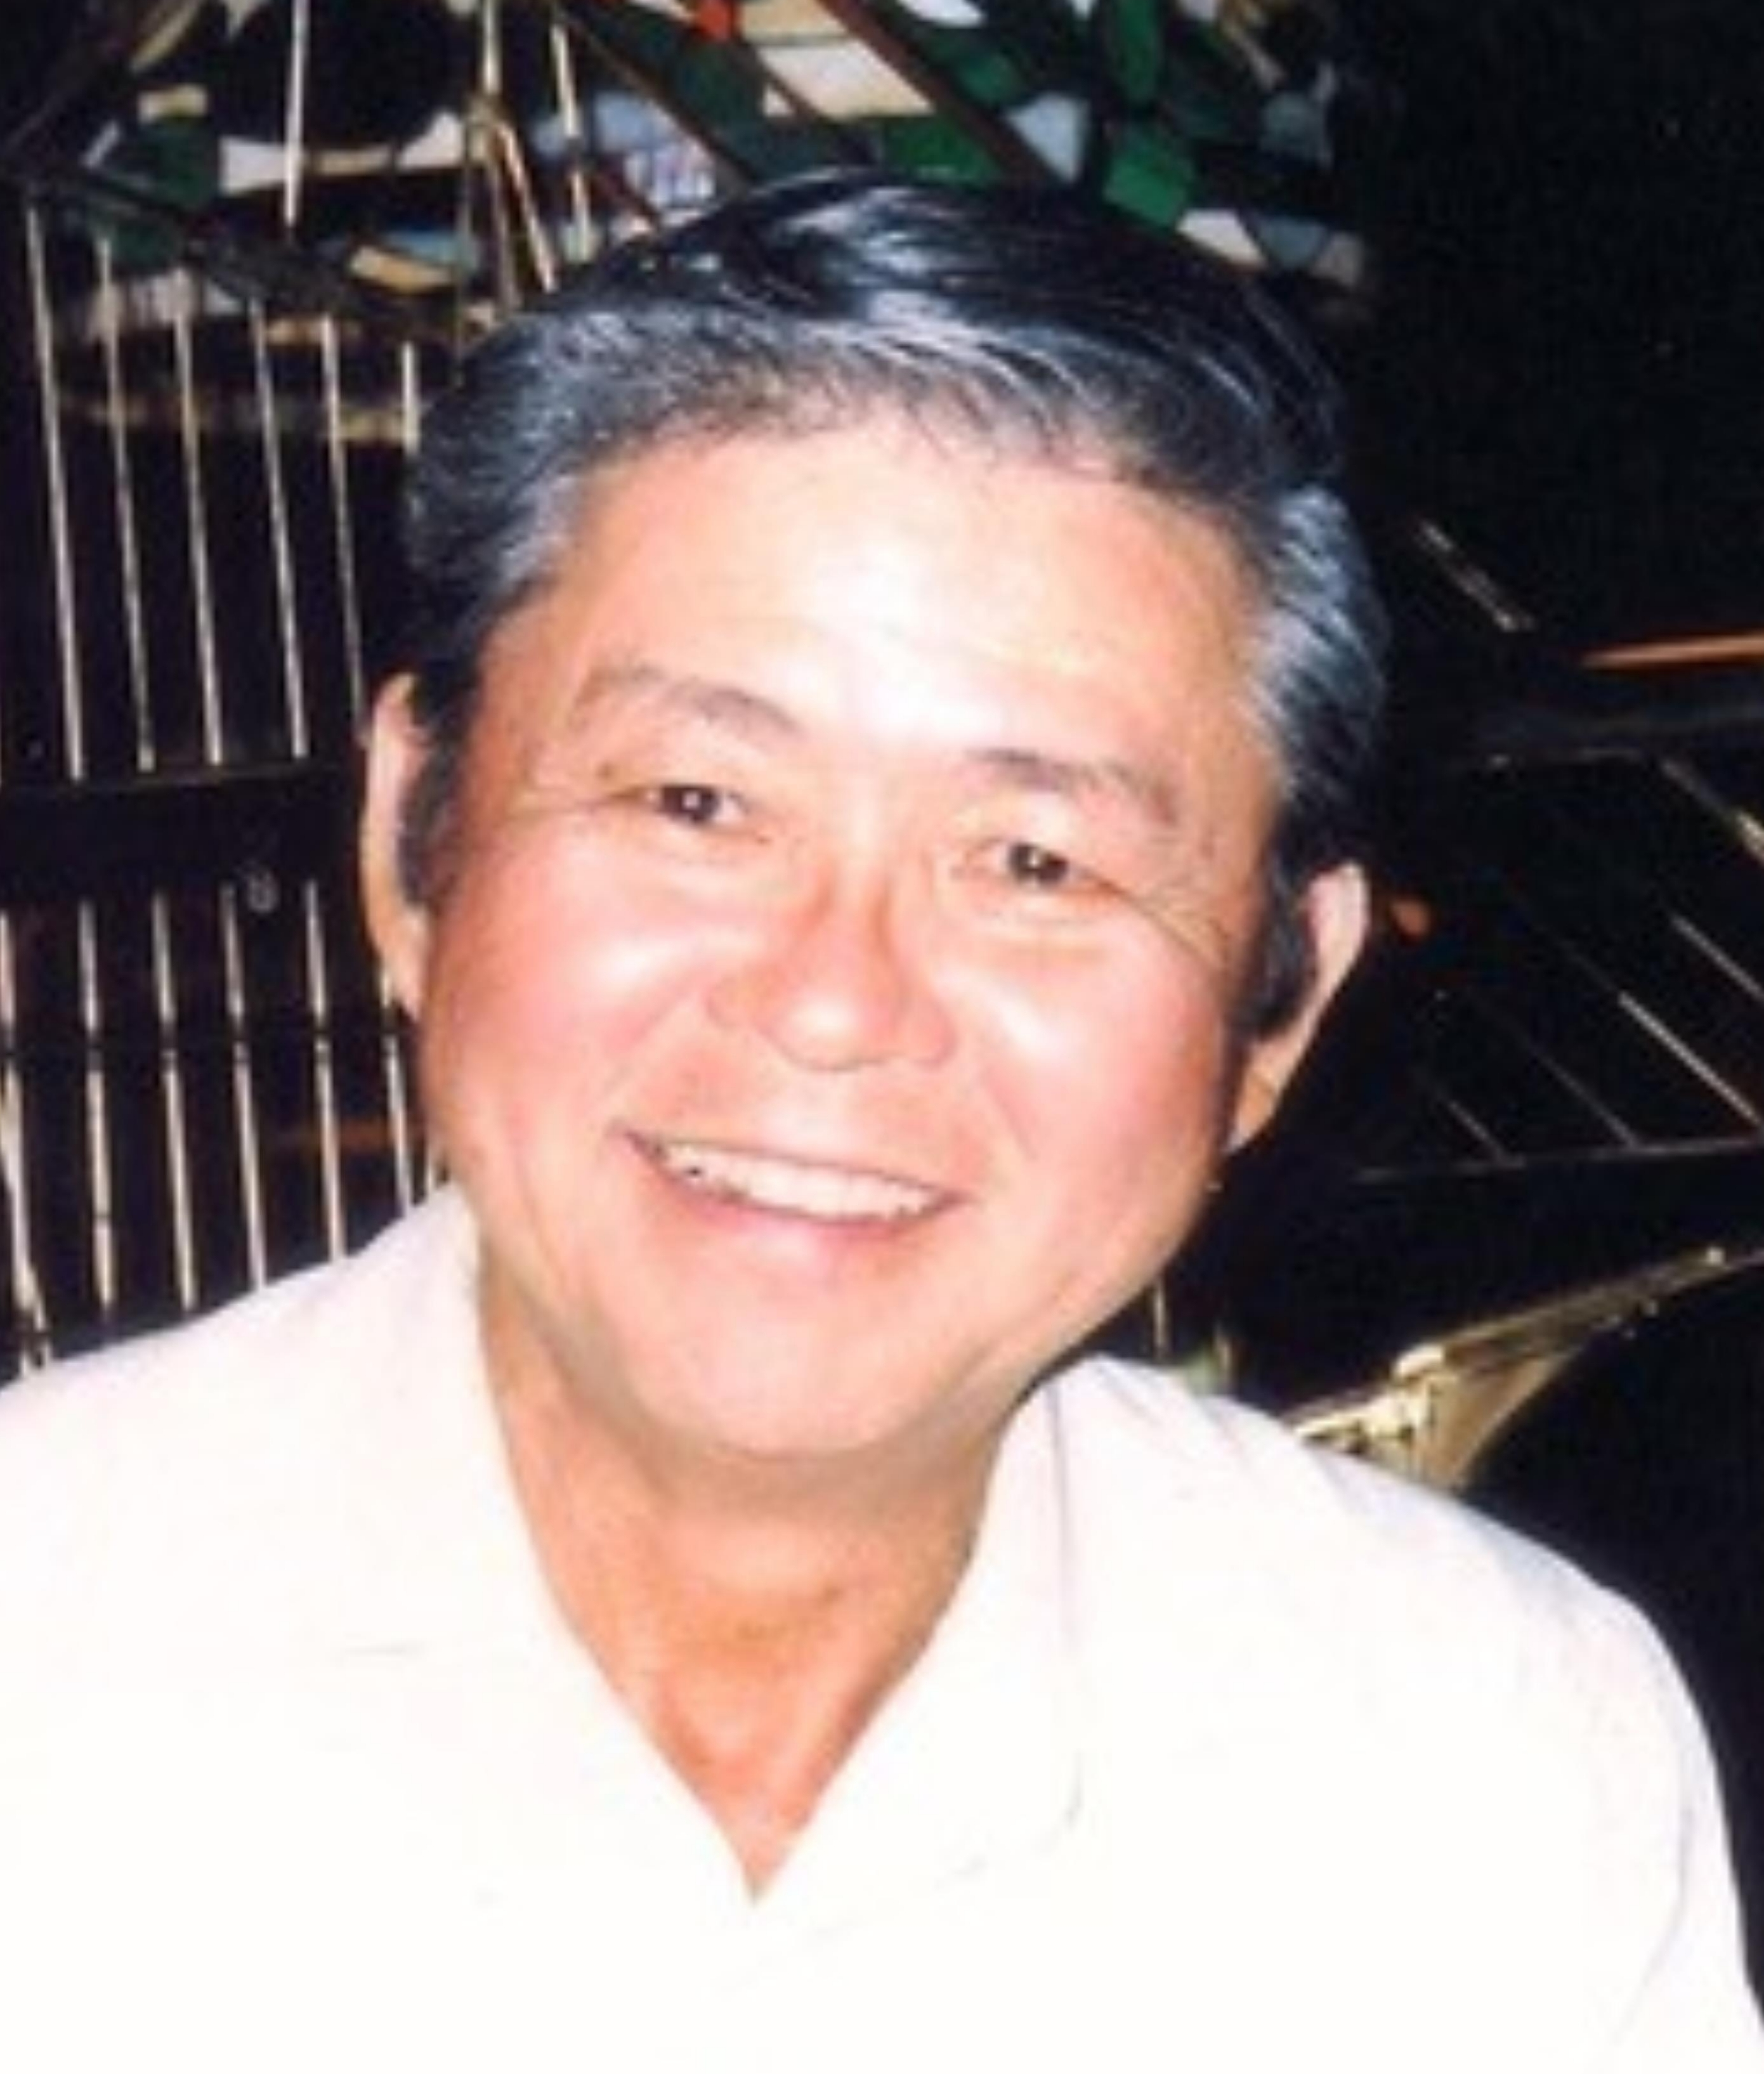 Griffith Yoshitomo Okada